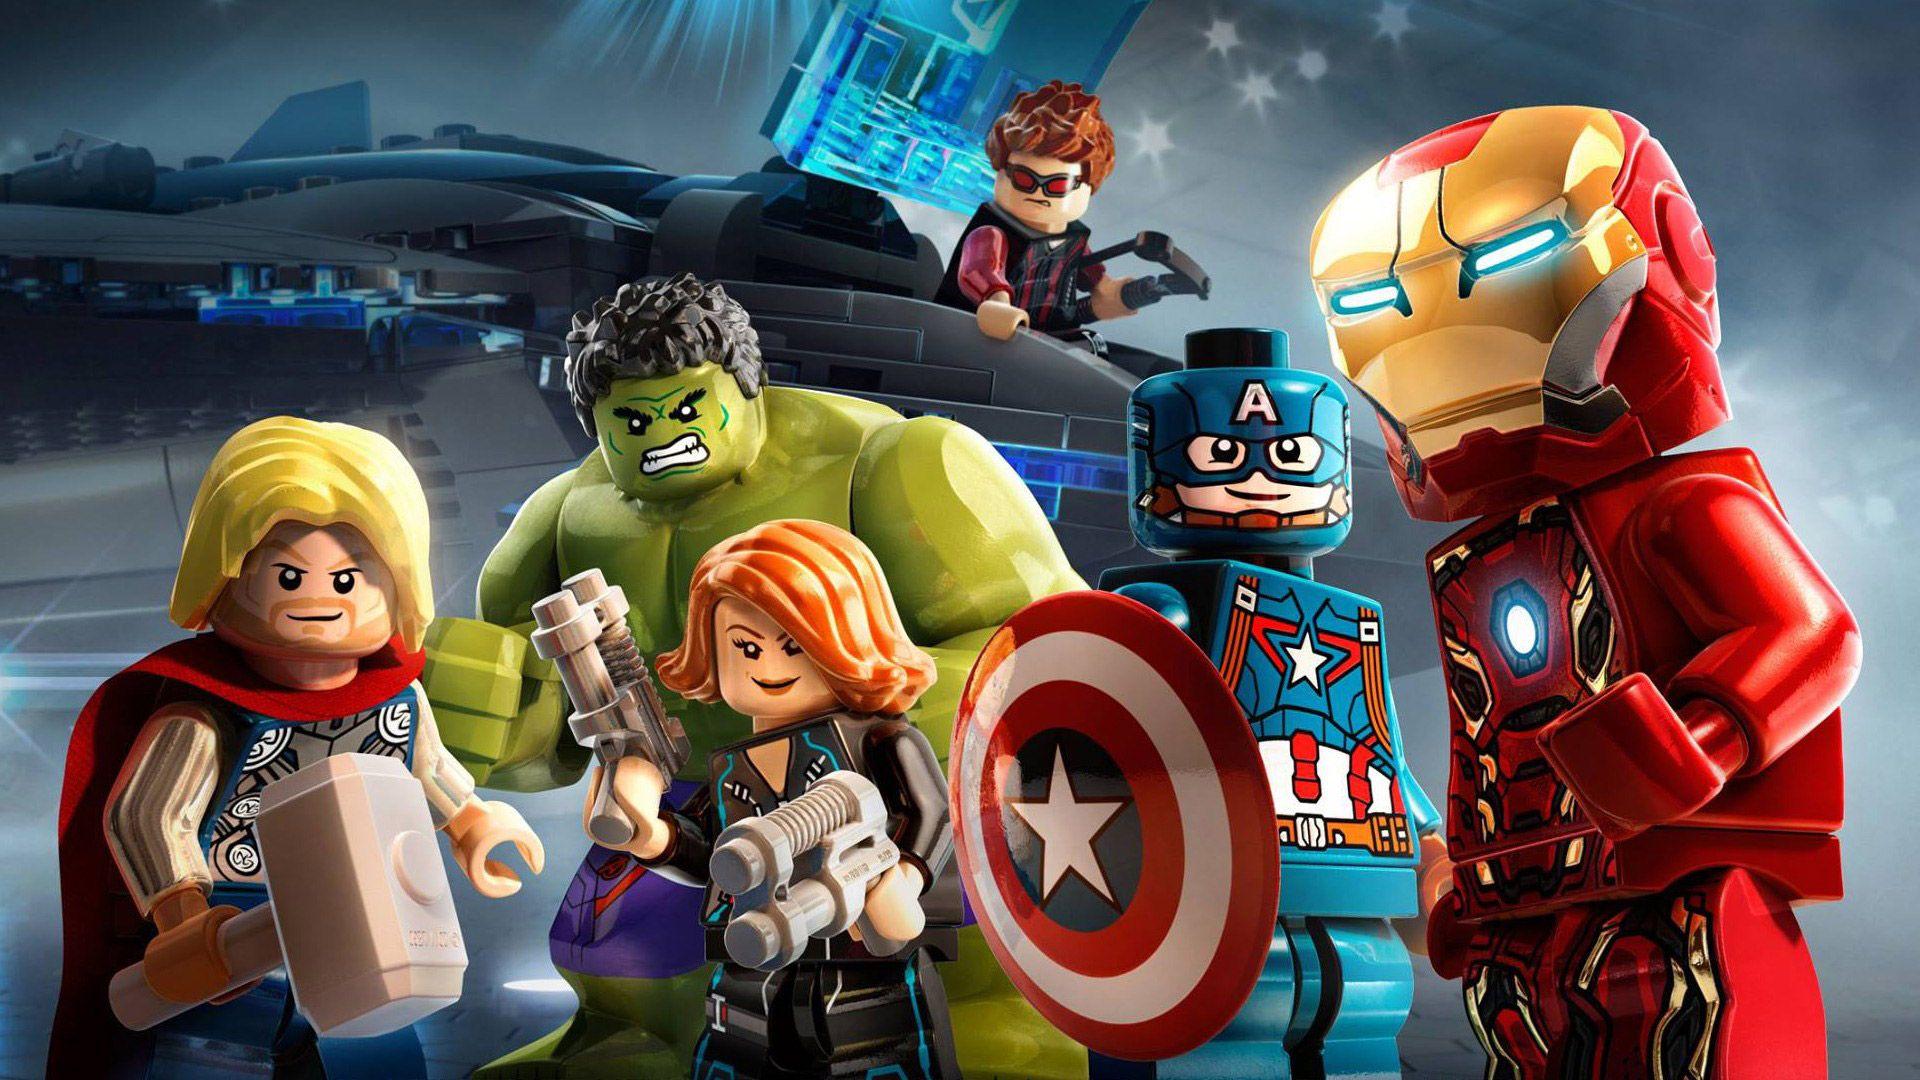 Warner presenta el tráiler de LEGO Marvel's Avengers NYCC en la Games Con 2015